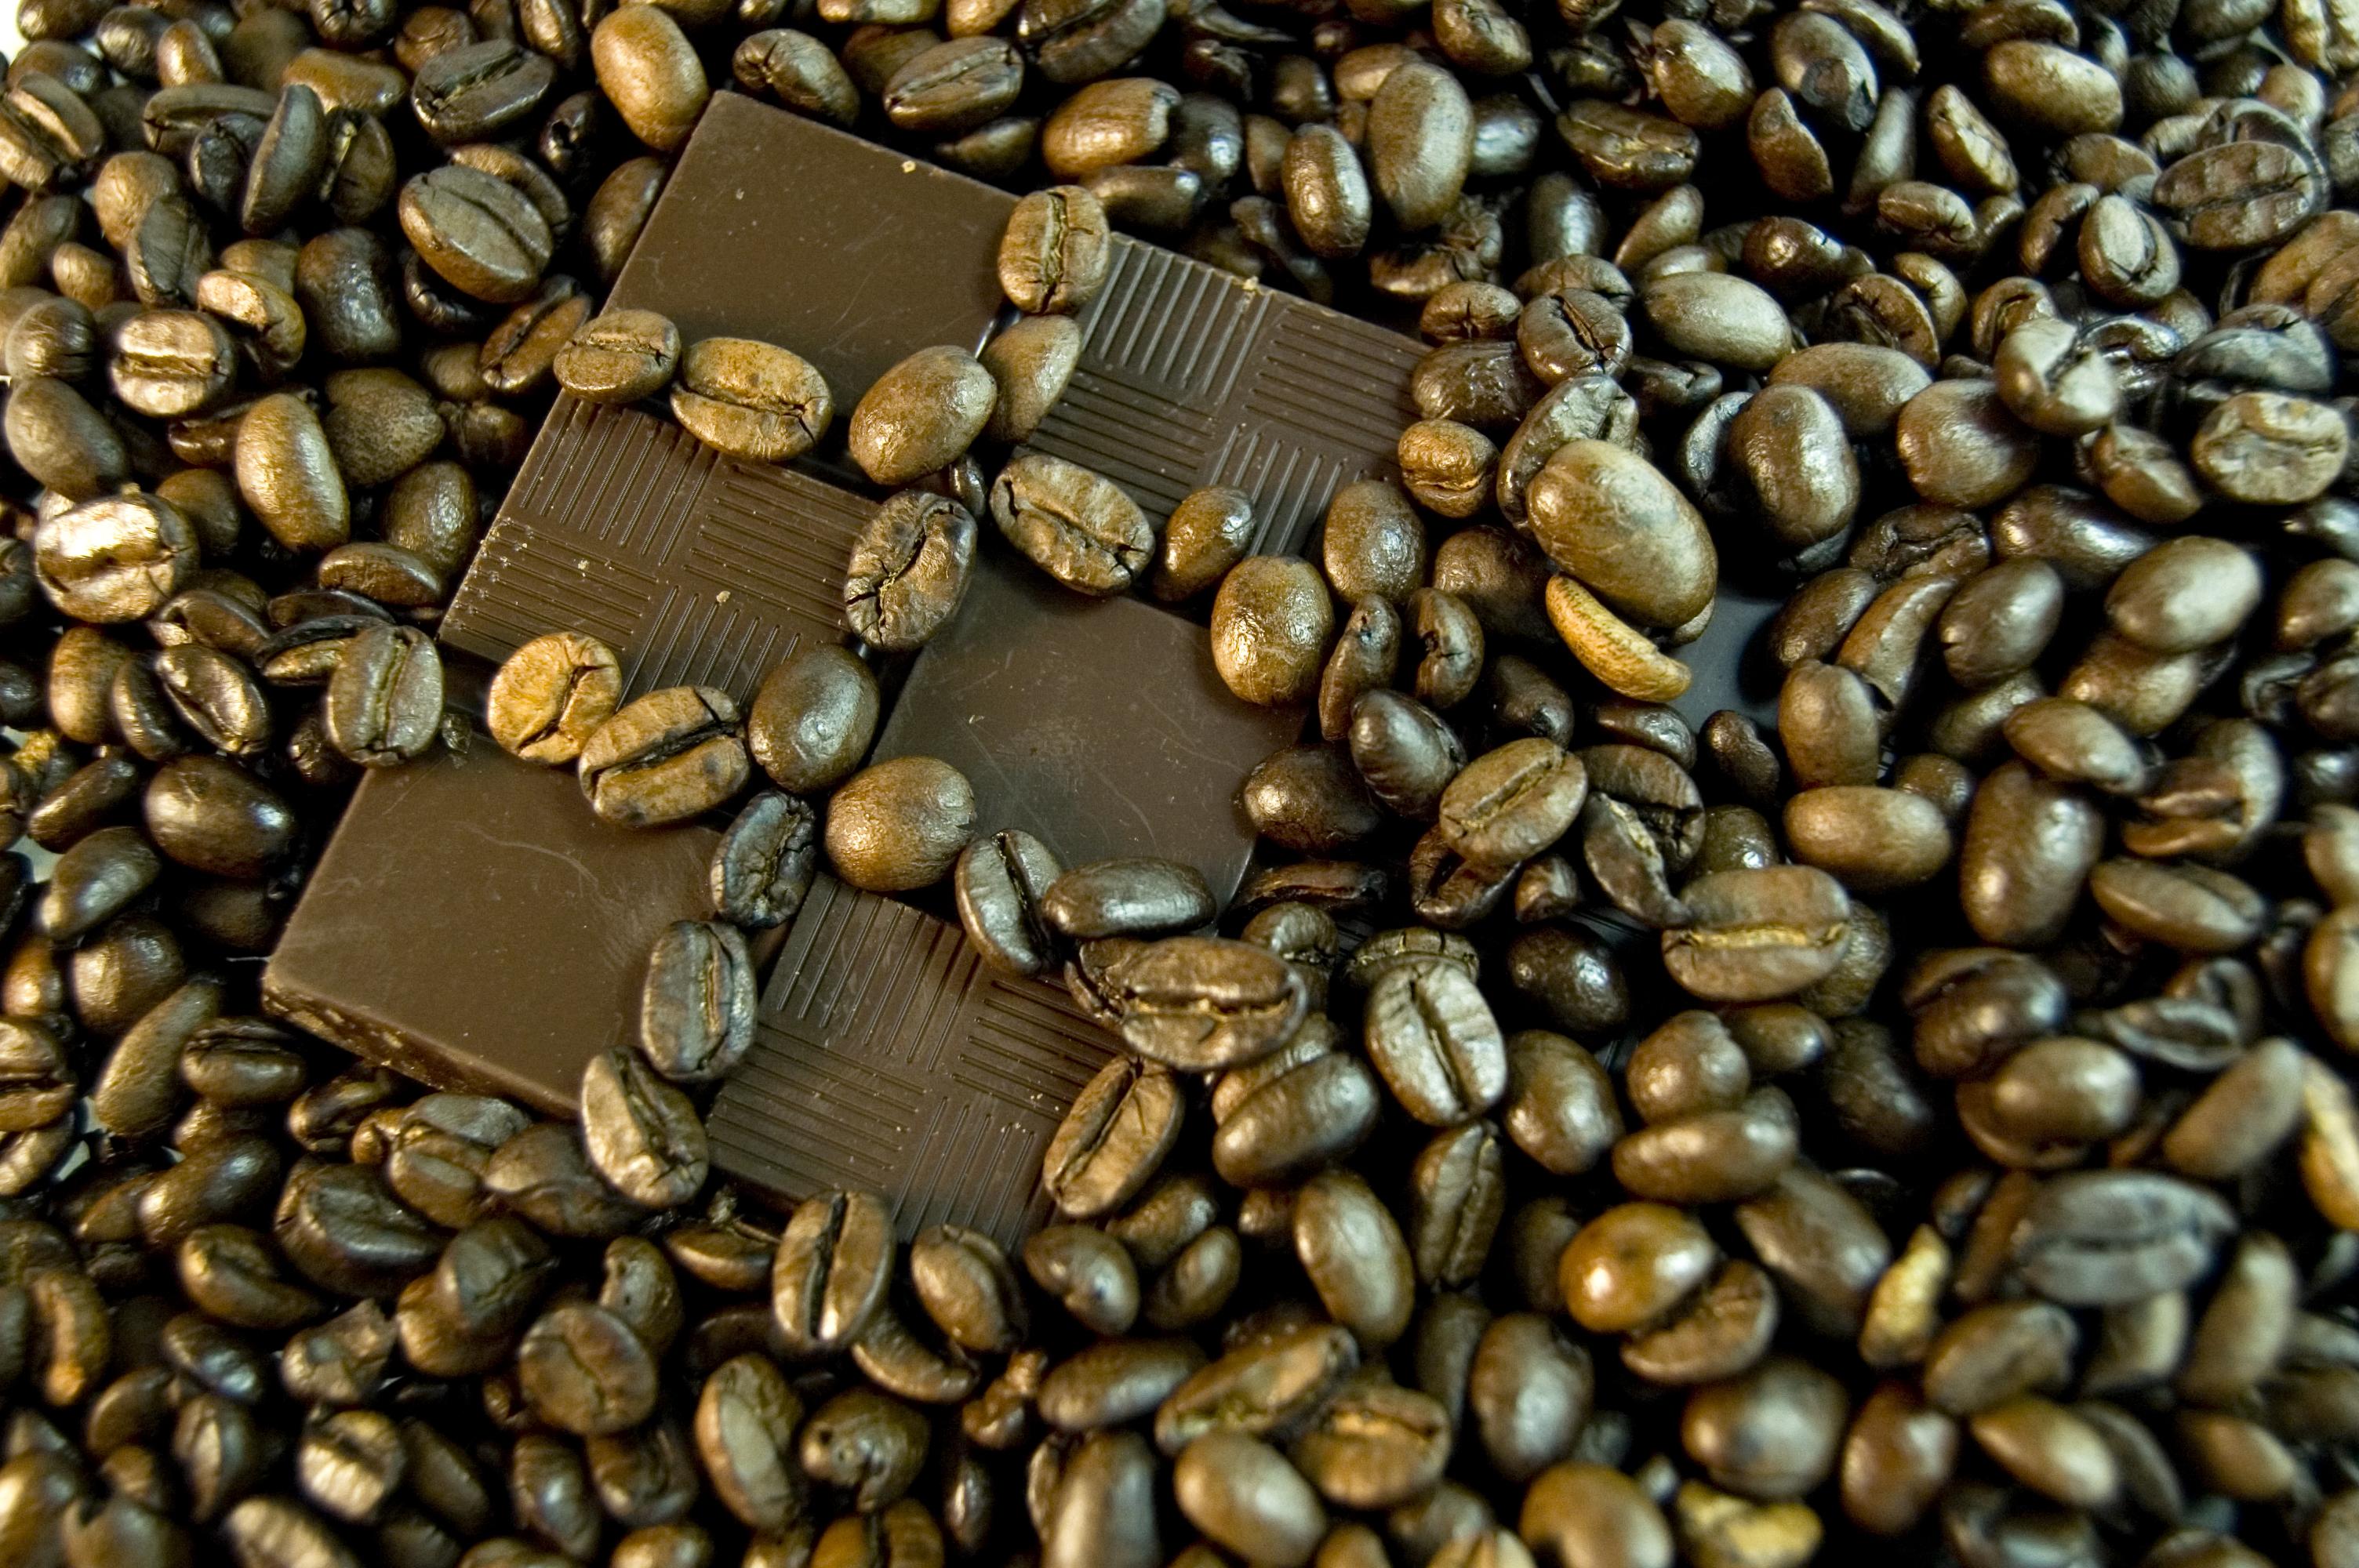 Chocolate and coffee photo